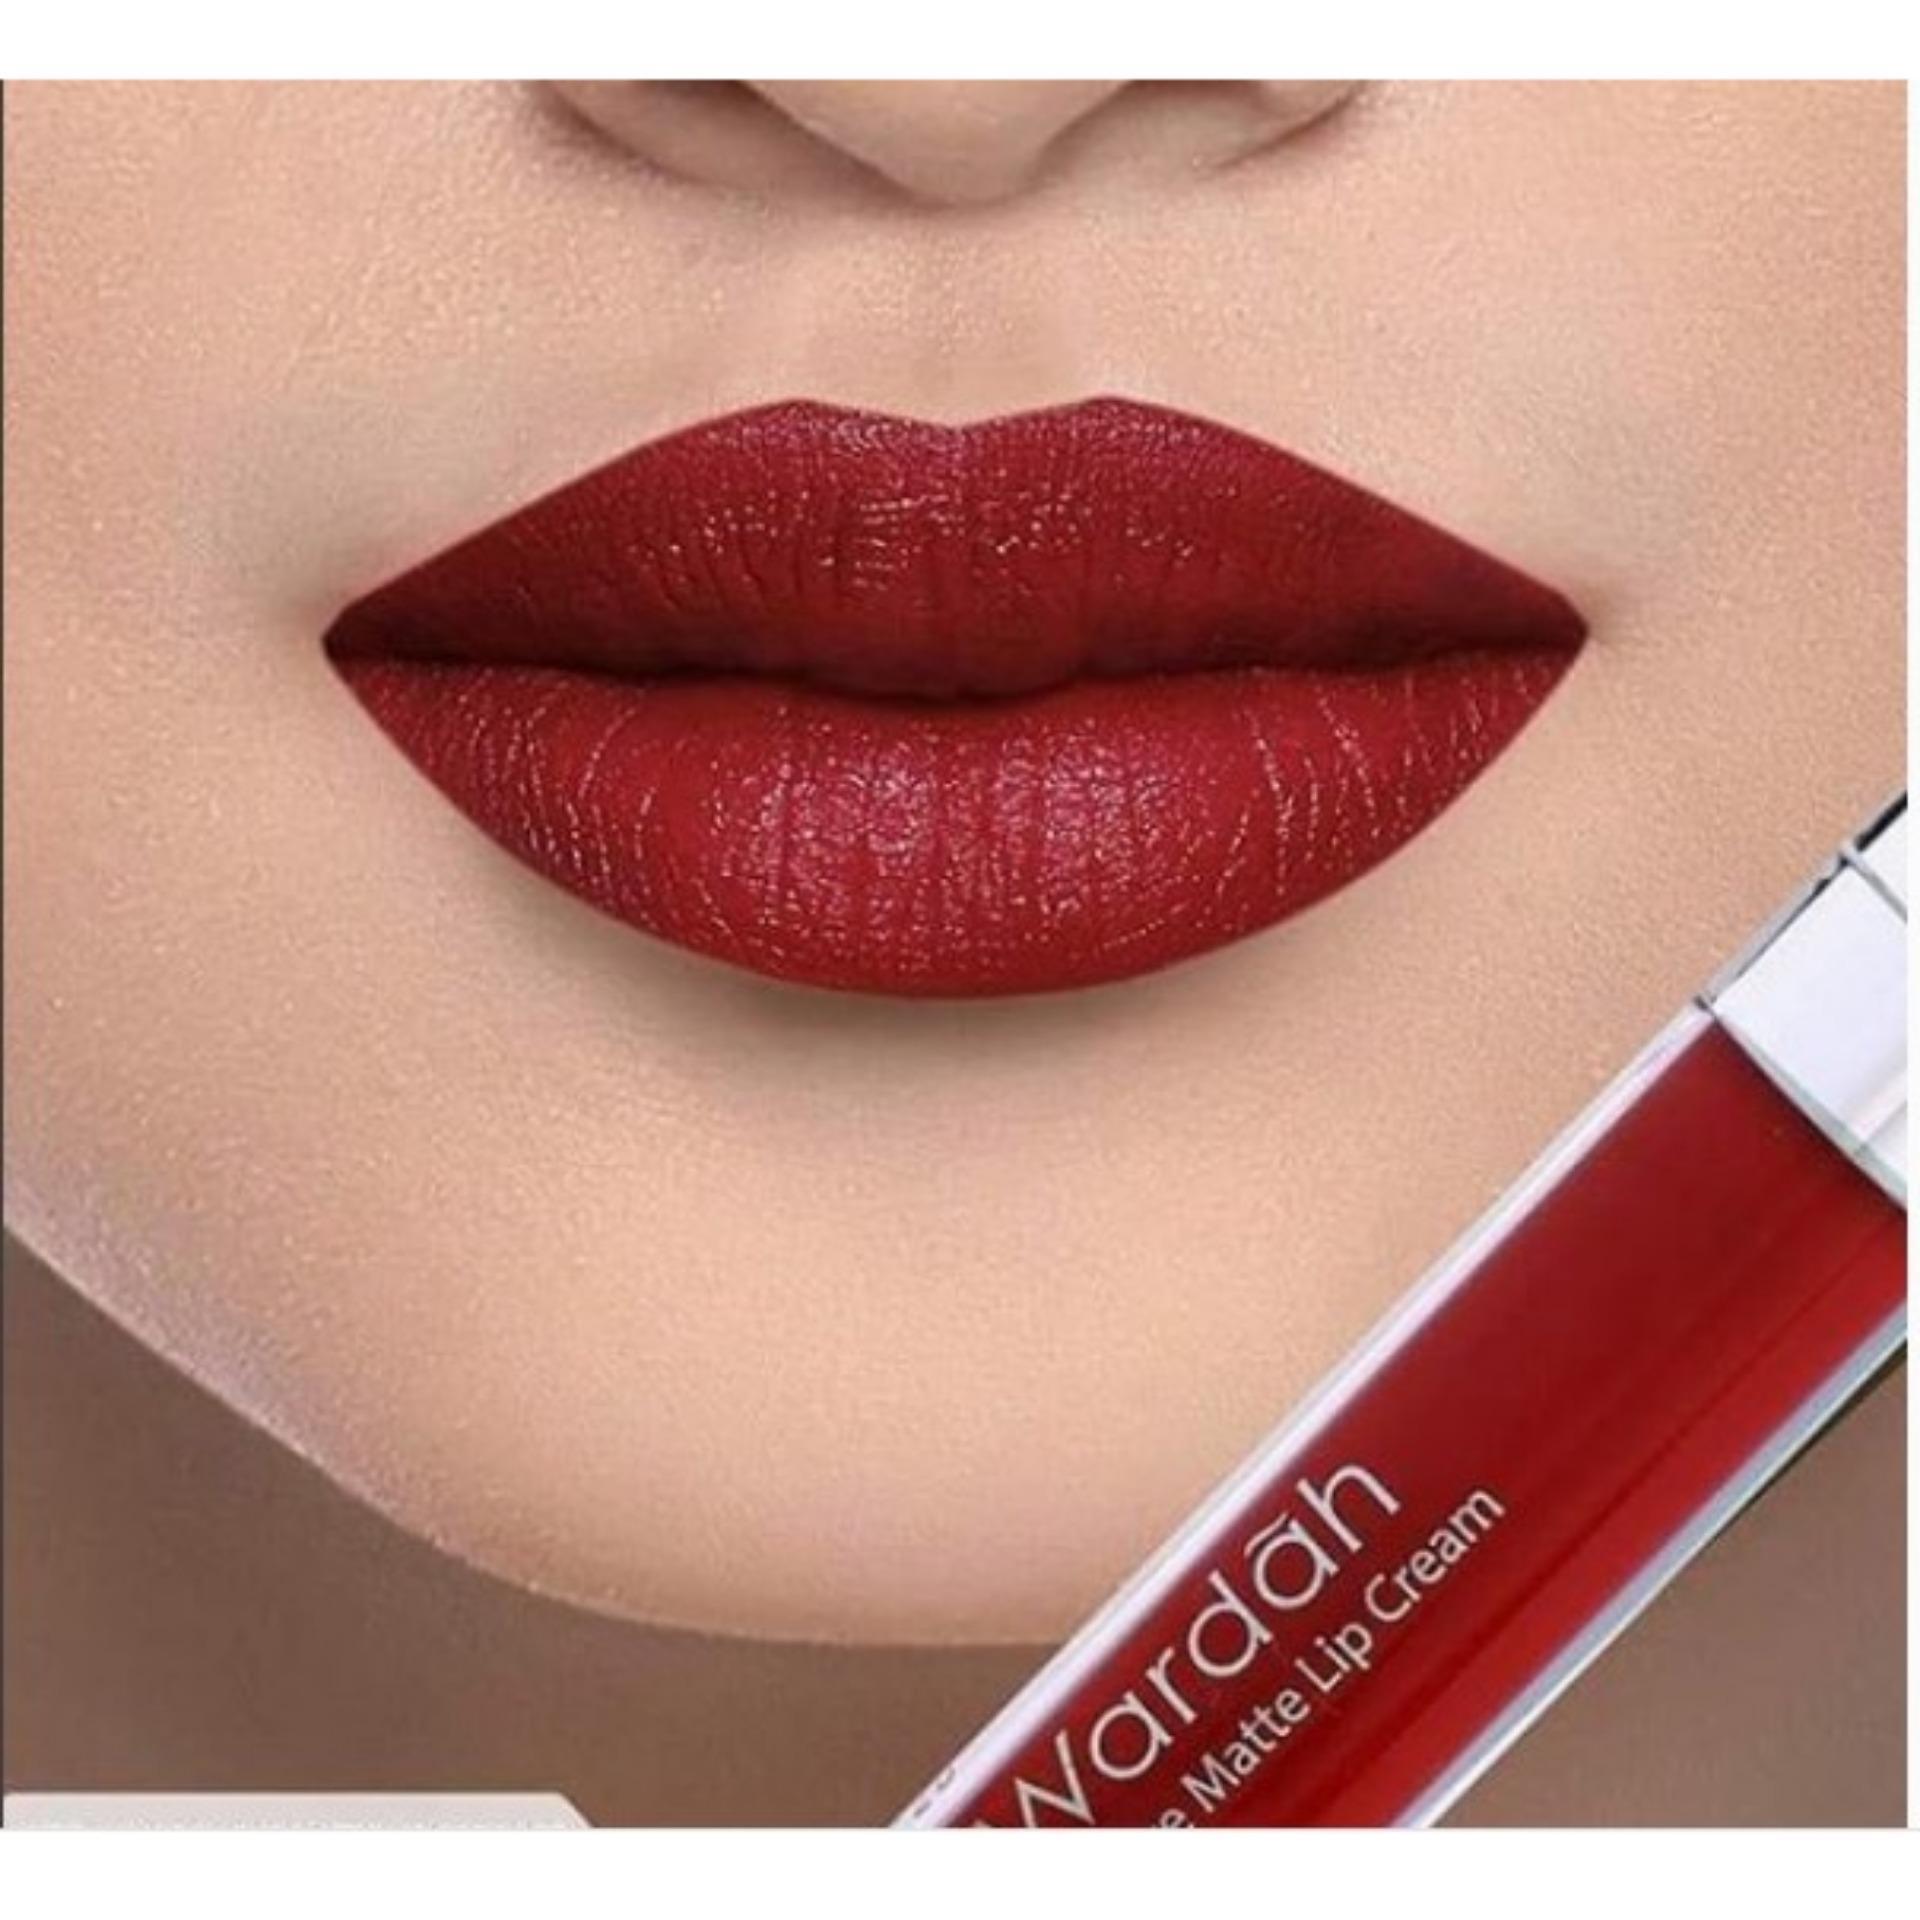 Promo Harga Lipstik Purbasari Matte Ruby Terbaru Termurah Bulan Ini Original Wardah Lip Cream Exclusive Cair 07 Hello